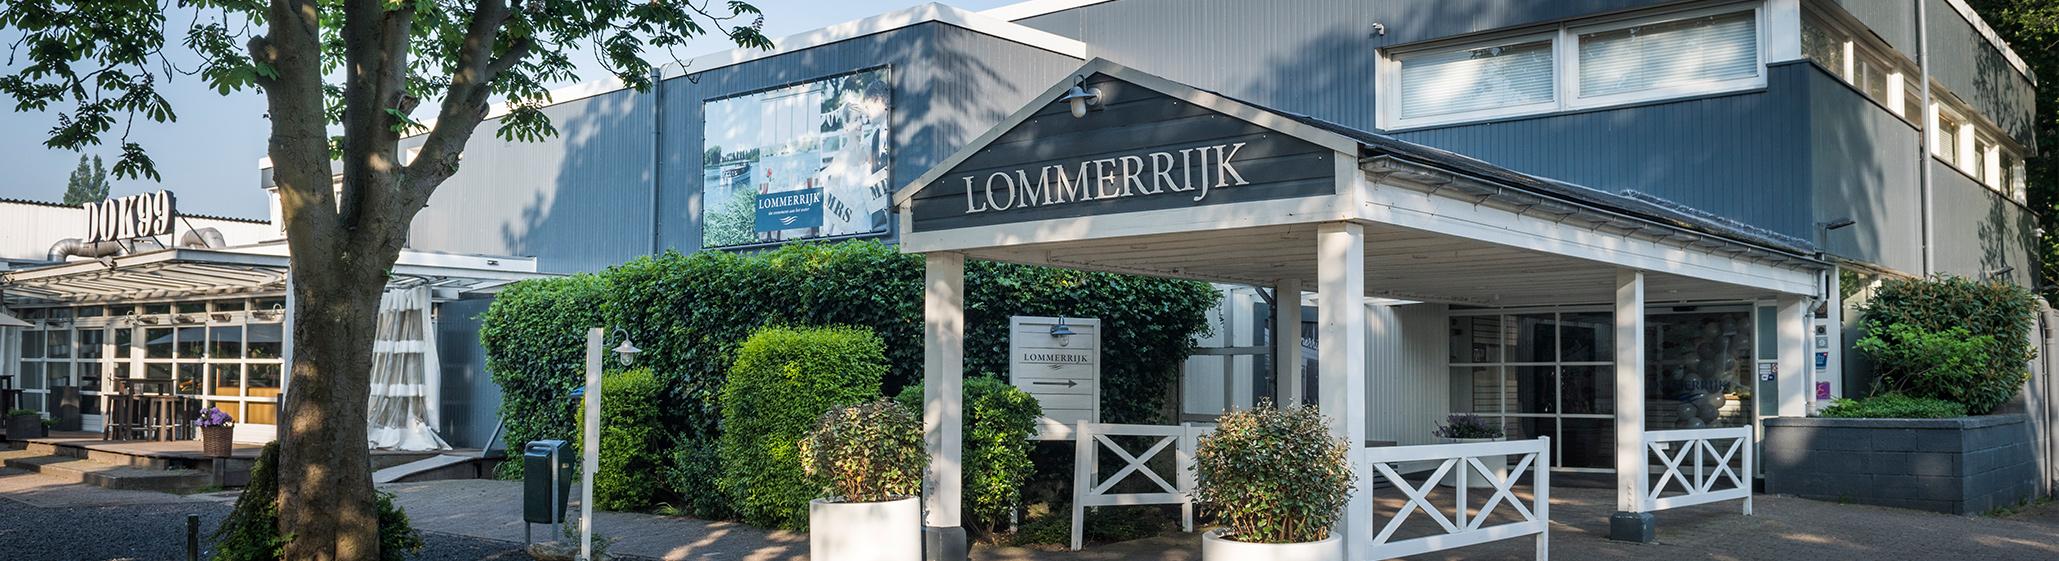 BBQ bij: Lommerrijk